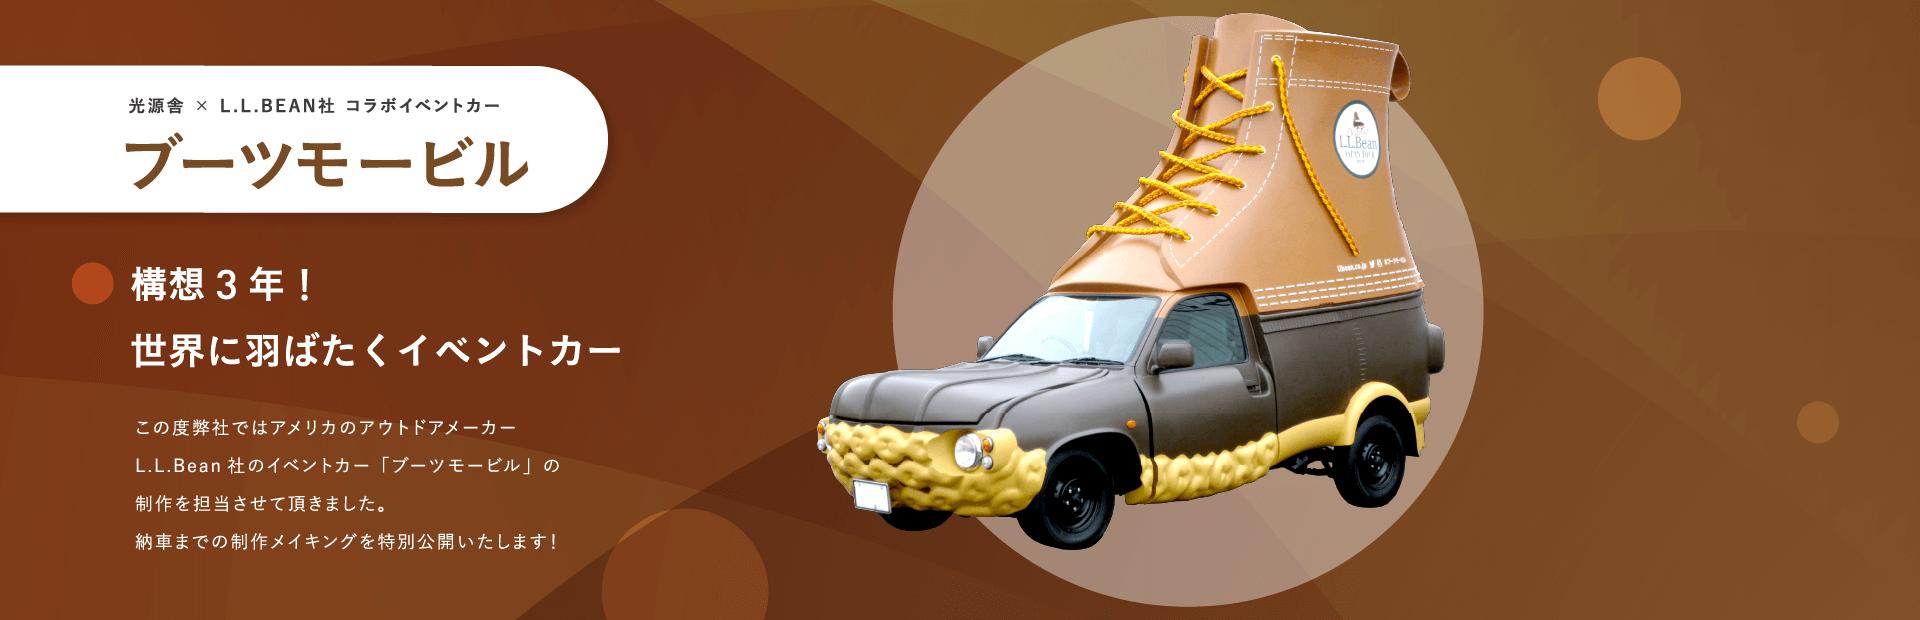 ブーツモービル